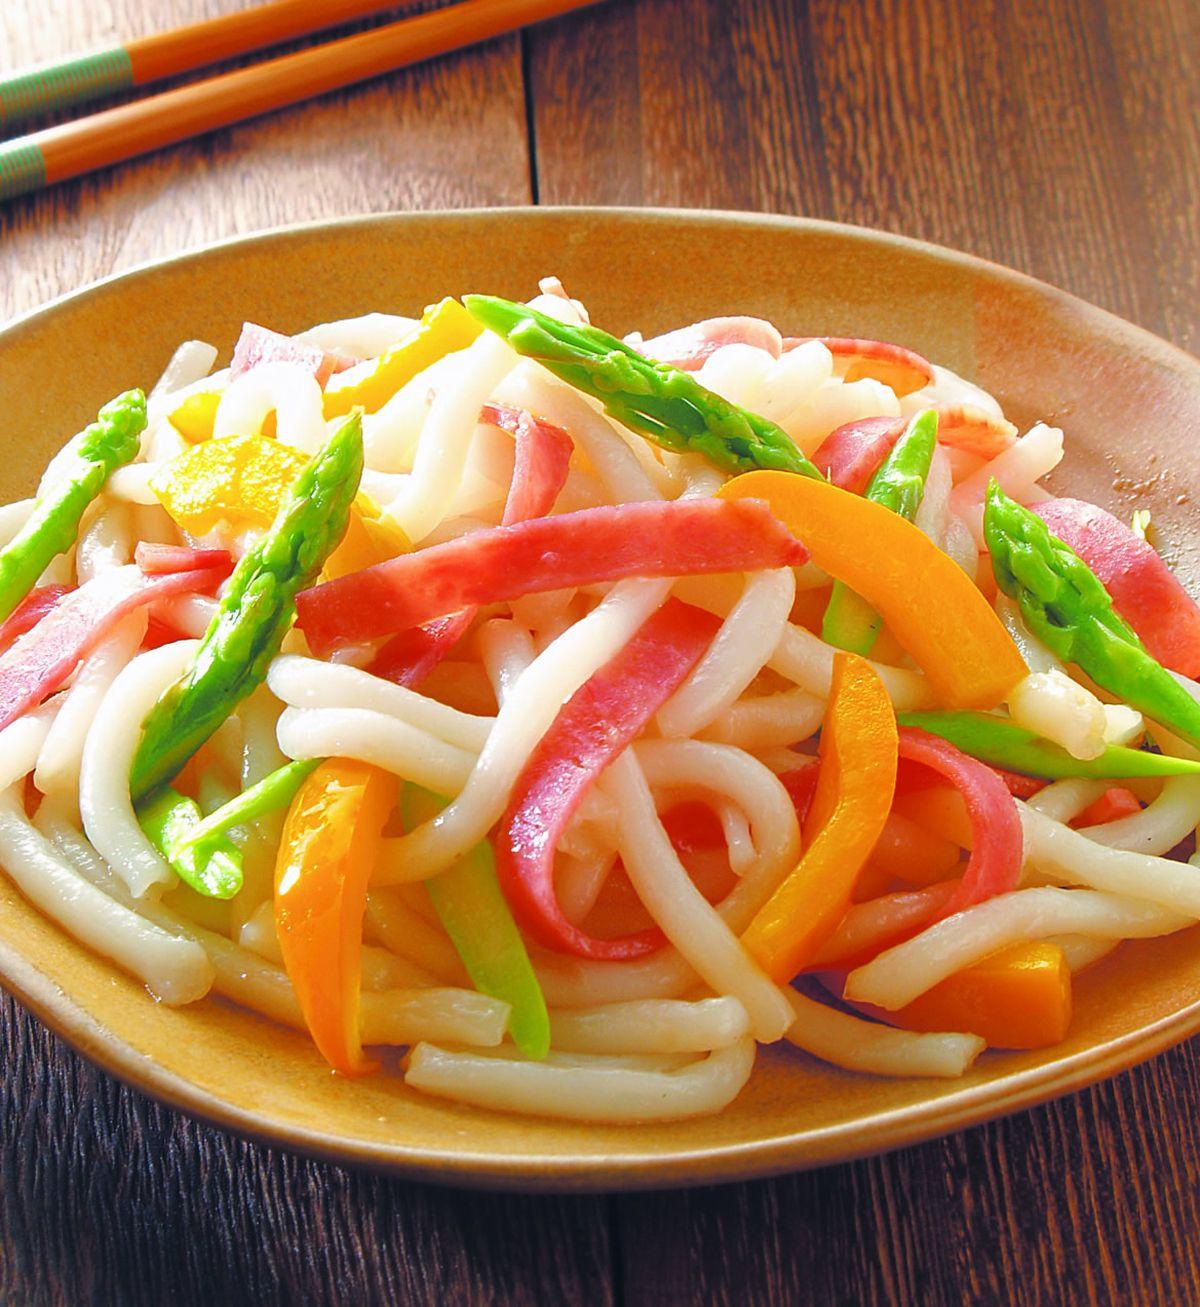 食譜:火腿炒米苔目